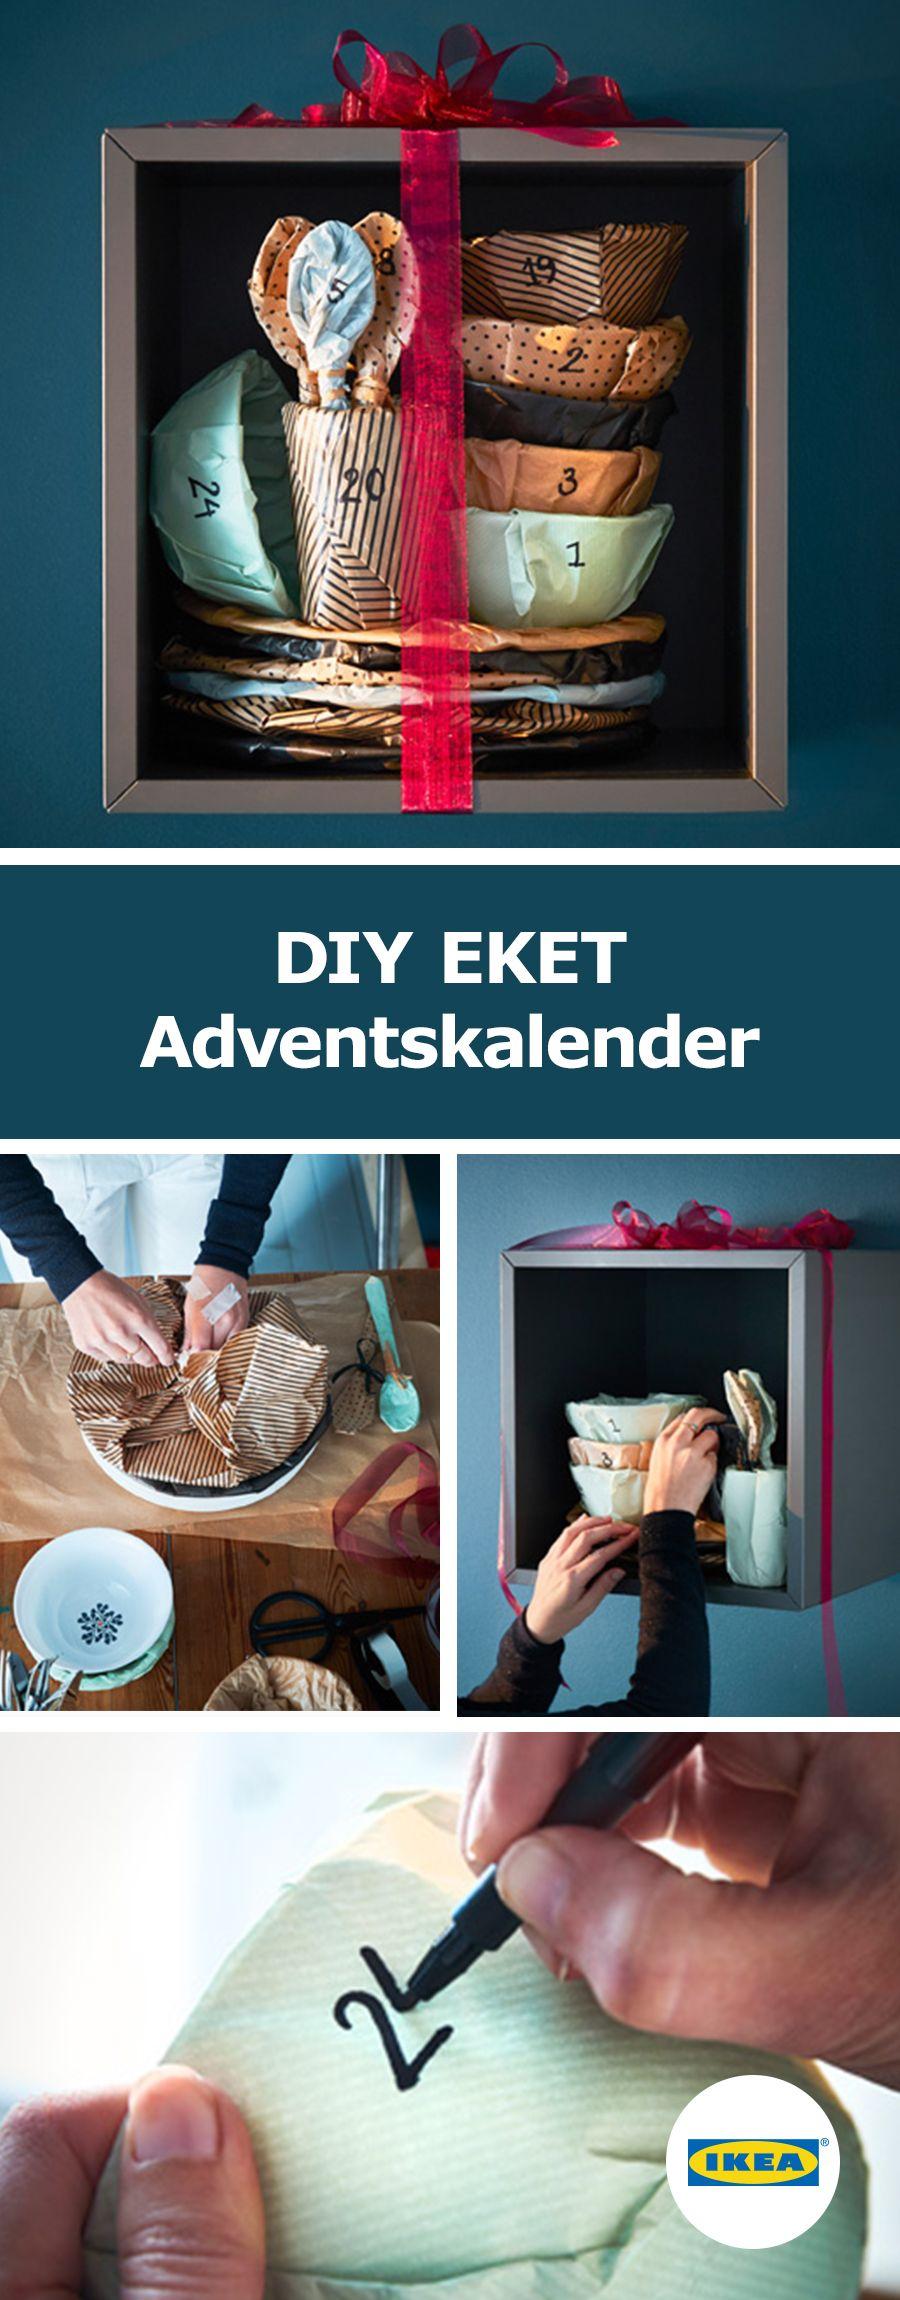 ikea deutschland wie w re es mit einem adventskalender mit aussicht auf leckere gen sse hier. Black Bedroom Furniture Sets. Home Design Ideas